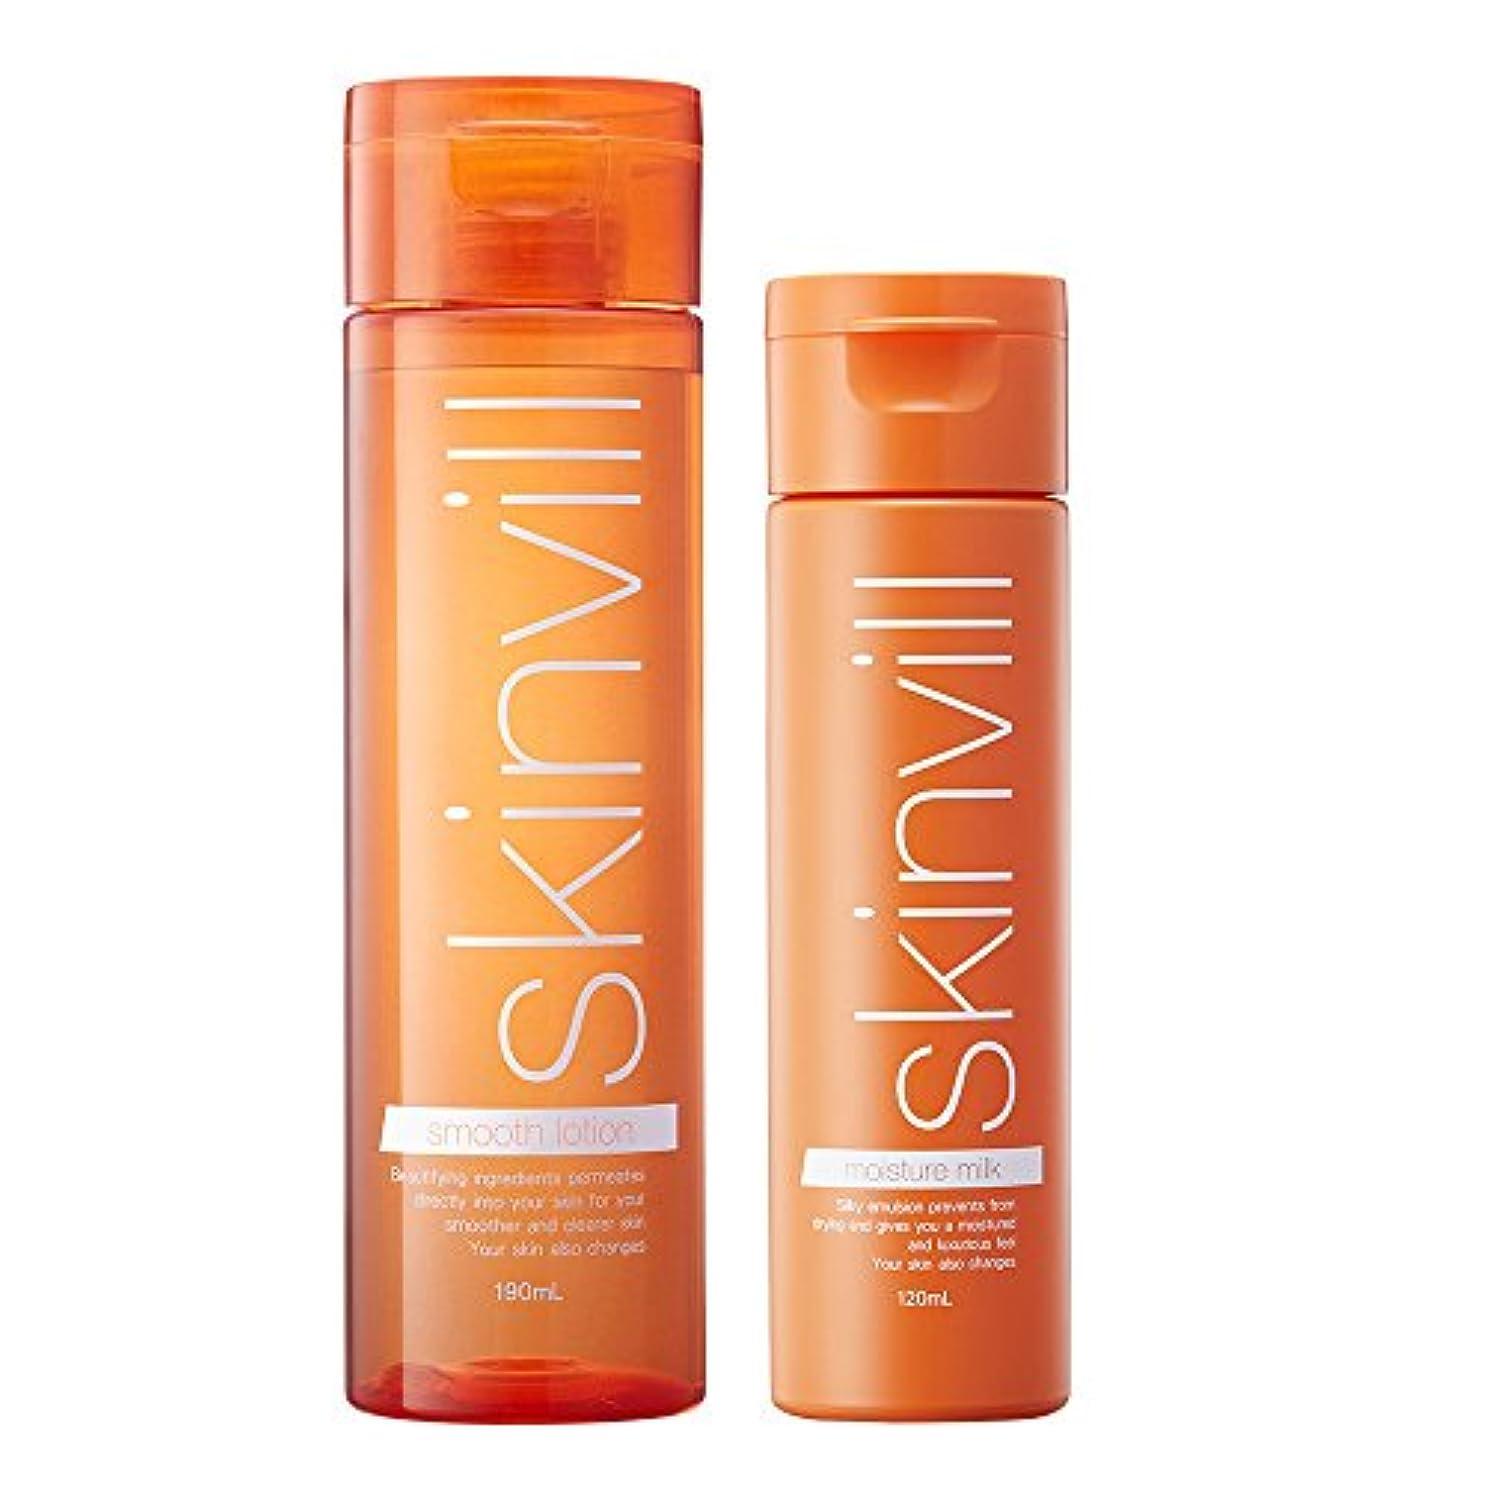 理容室下るワイン【セット】 skinvill スキンビル スムースローション 化粧水 190ml & モイスチャーミルク 乳液 120ml